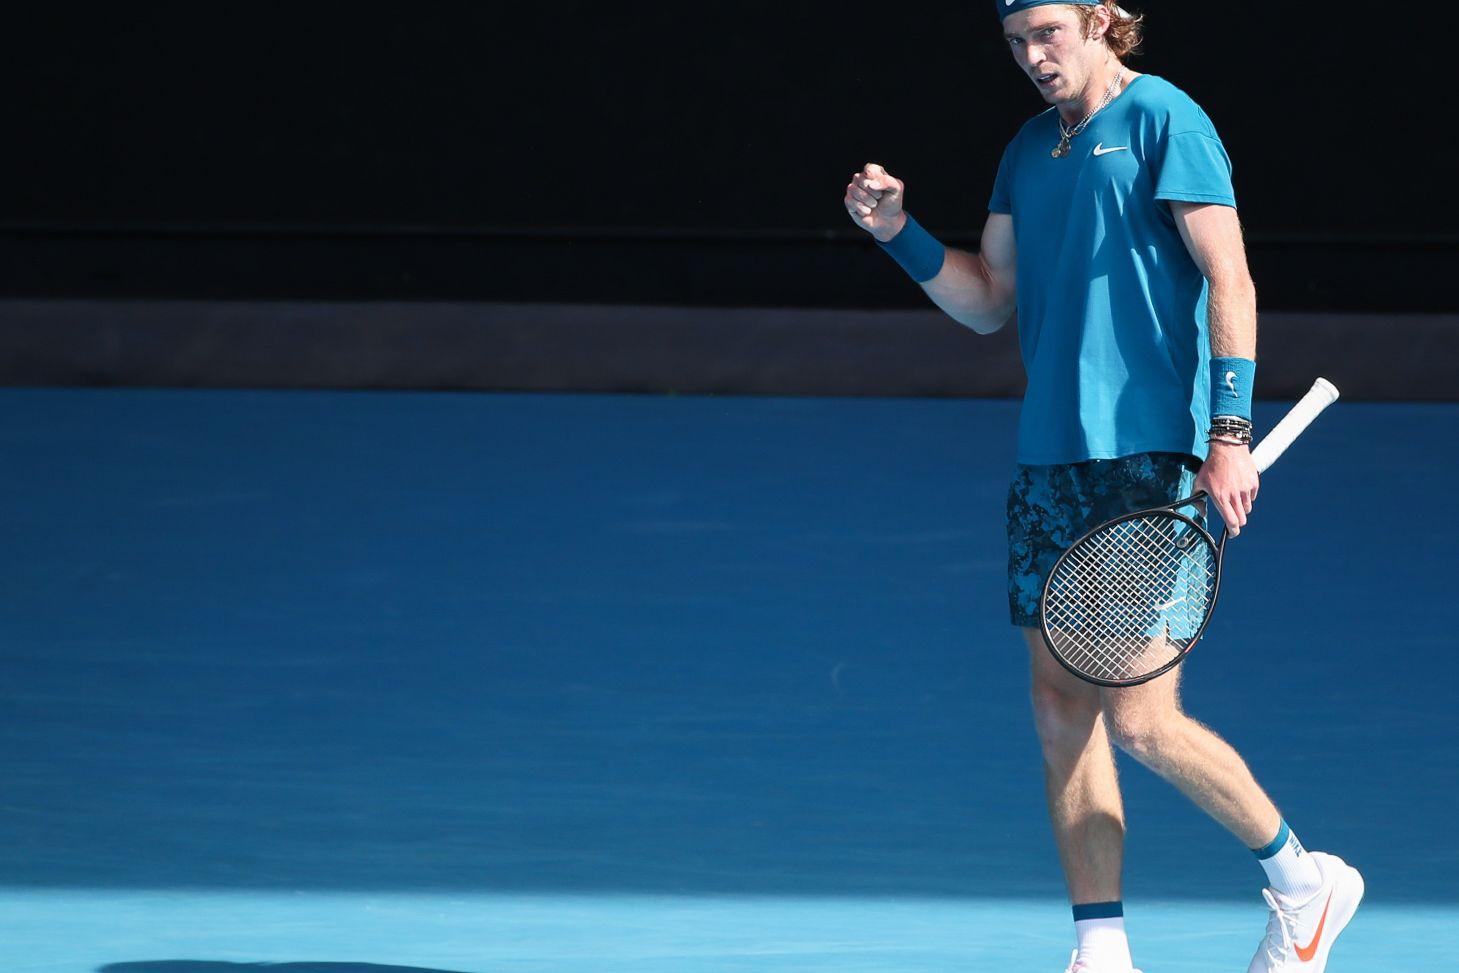 Рублёв — о матче против Медведева: 'По крайней мере, один российский игрок сыграет в полуфинале Australian Open'